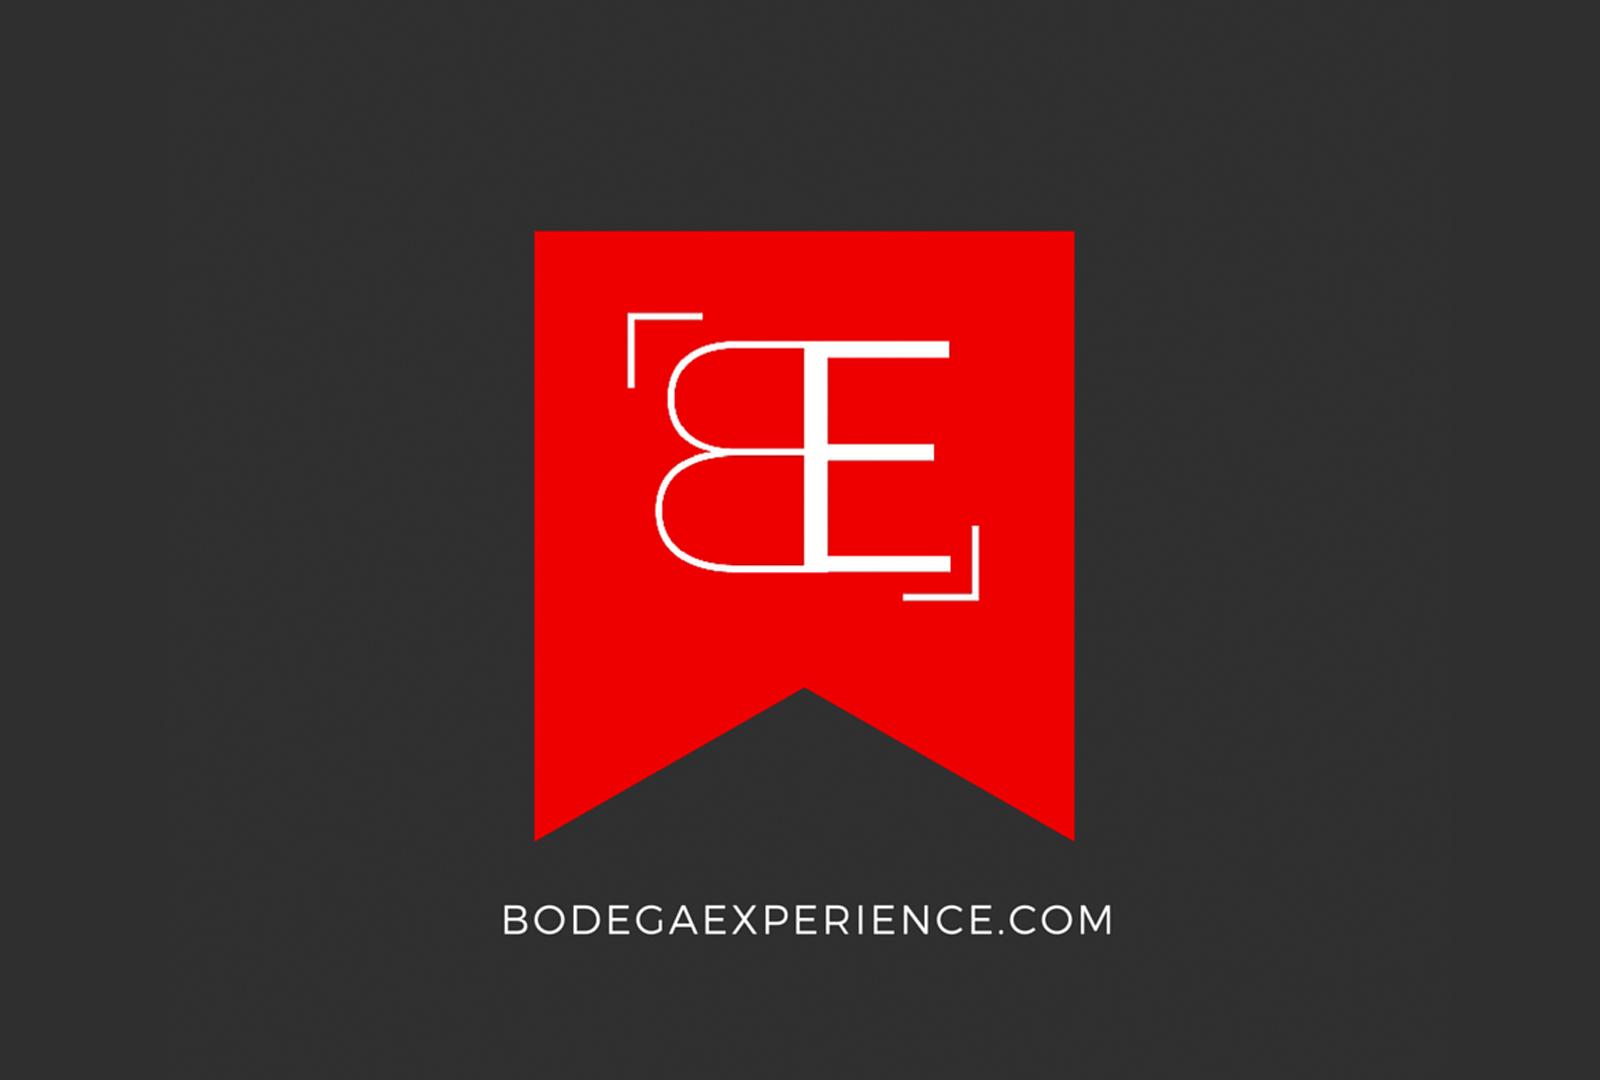 Si hablas de Vino Rioja, hablas de BodegaExperience.com